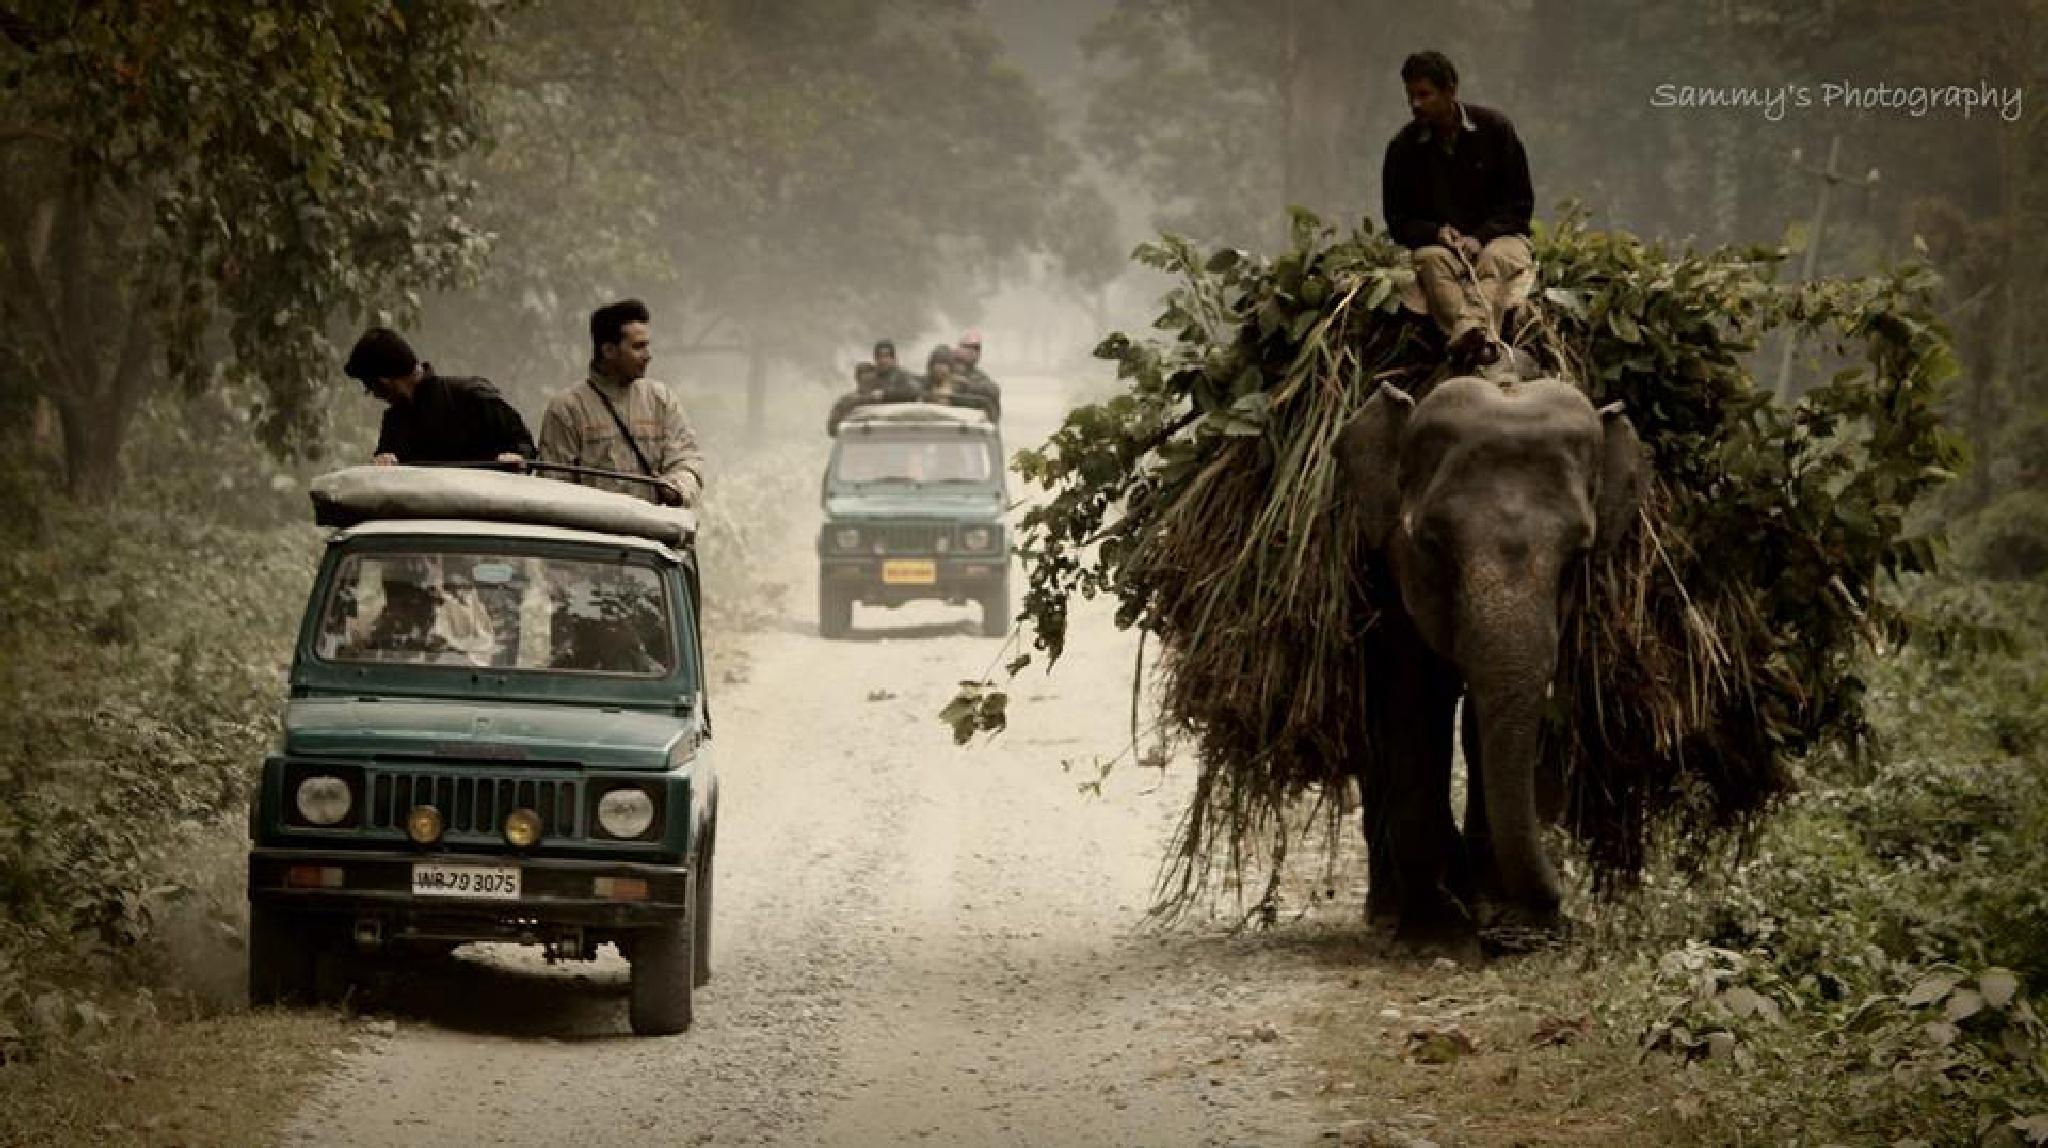 Jaldapara wildlife sanctuary by samjones007